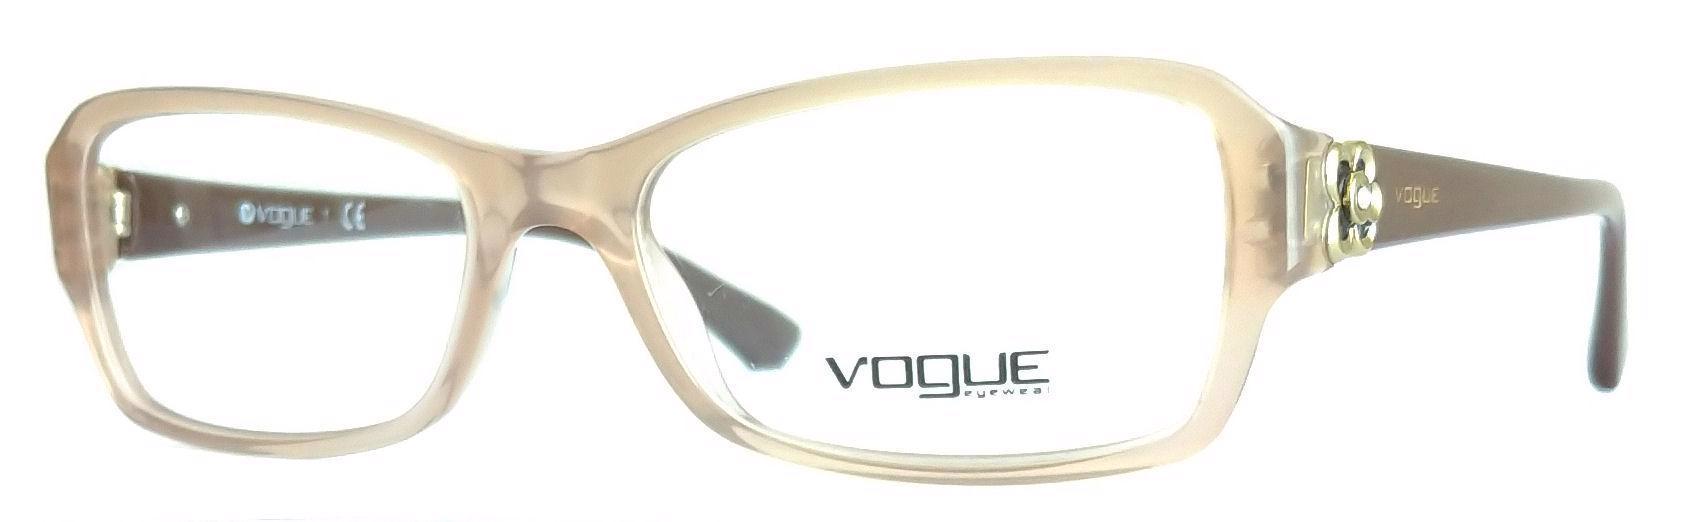 VOGUE VO 2836-B dámské brýlové obruby 51-16-135 MOC:3200 Kč